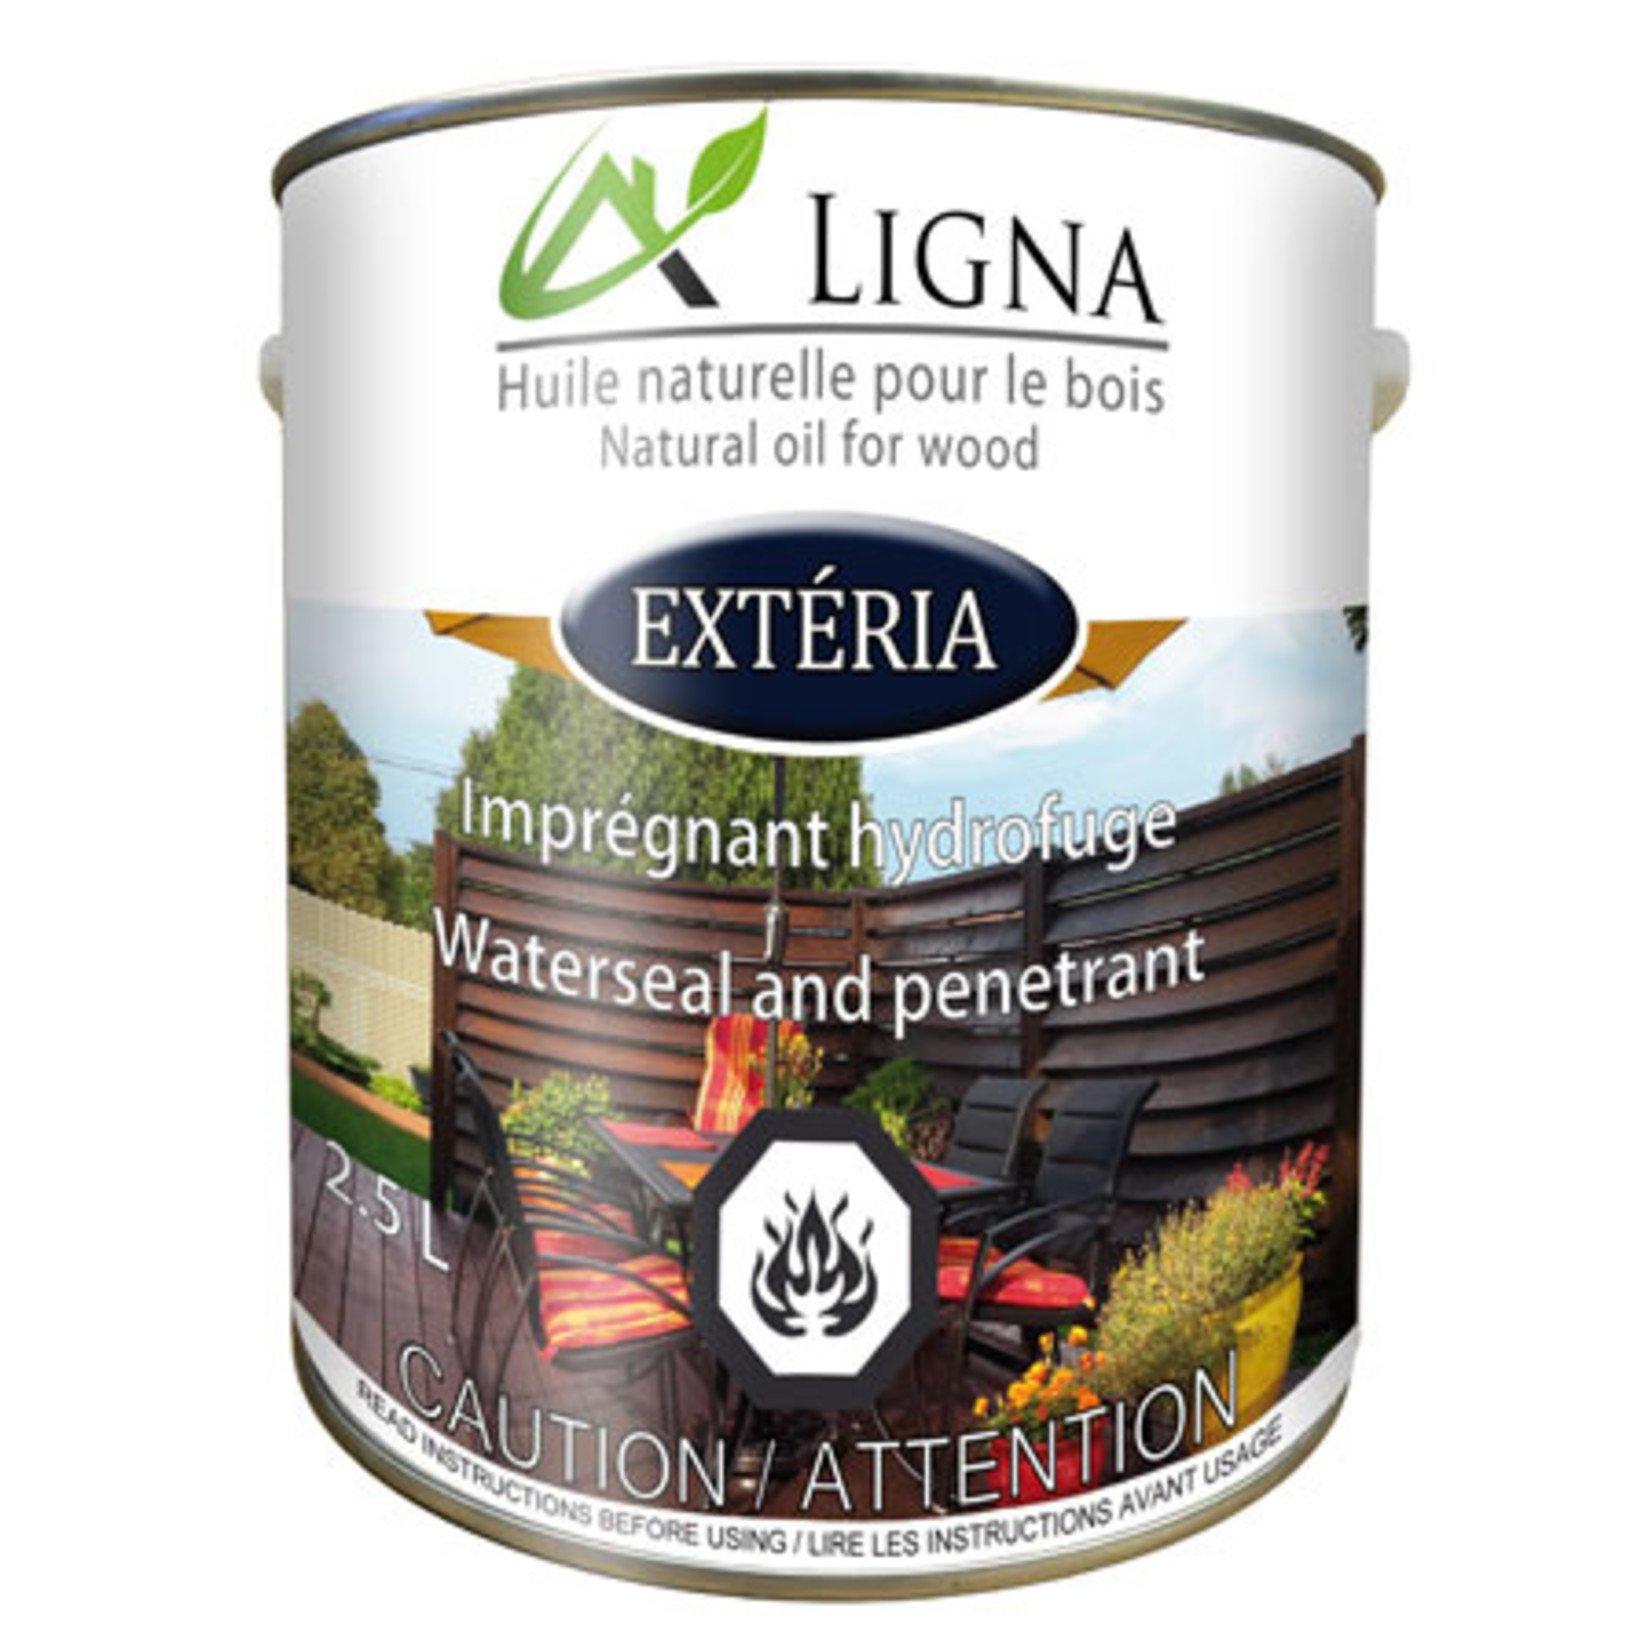 Ligna Exteria - Huile pour bois extérieur